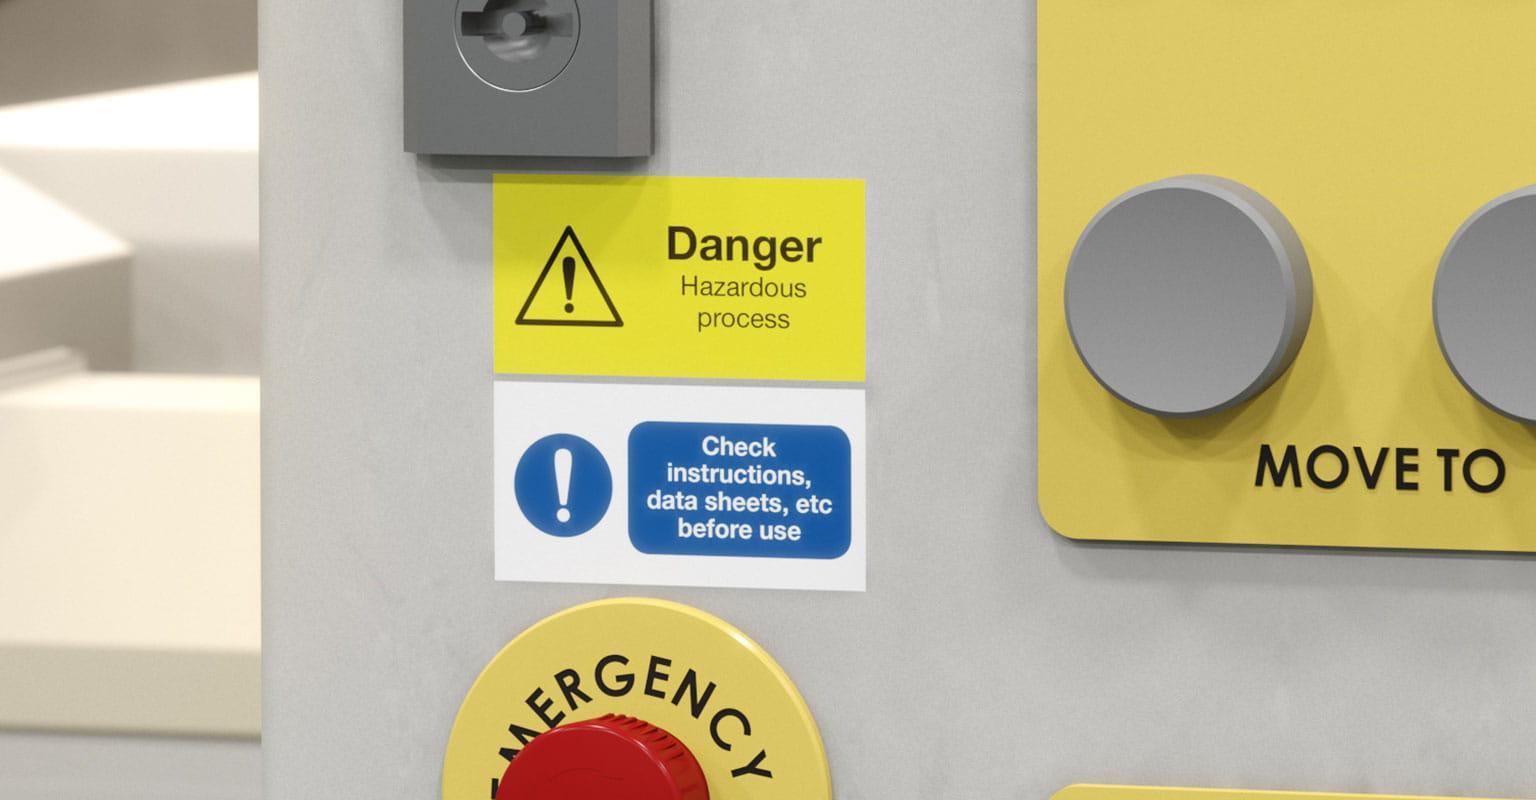 Dve nalepki Brother P-touch na nadzorni plošči, opozorilo na nevarnost in pred uporabo preberite navodila